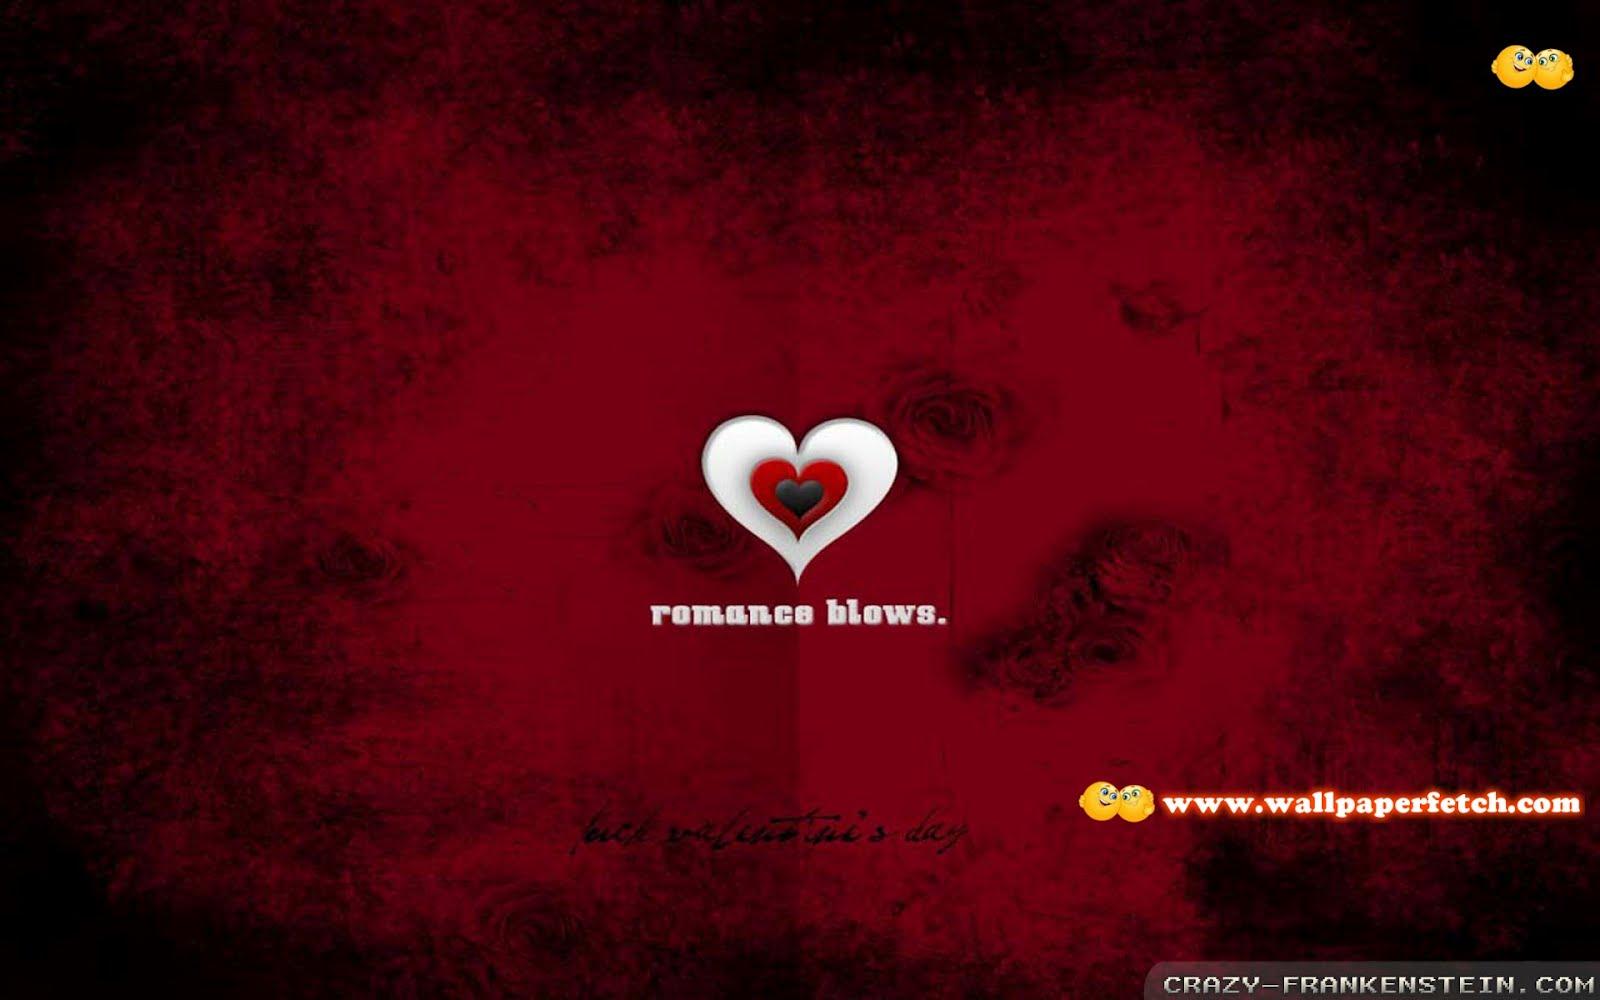 http://3.bp.blogspot.com/-fAeXWQt6XtQ/TzaEkft5ESI/AAAAAAAALho/EztqKHvgaW0/s1600/romance-blows-love-valentine-wallpapers-1920x1200.jpg